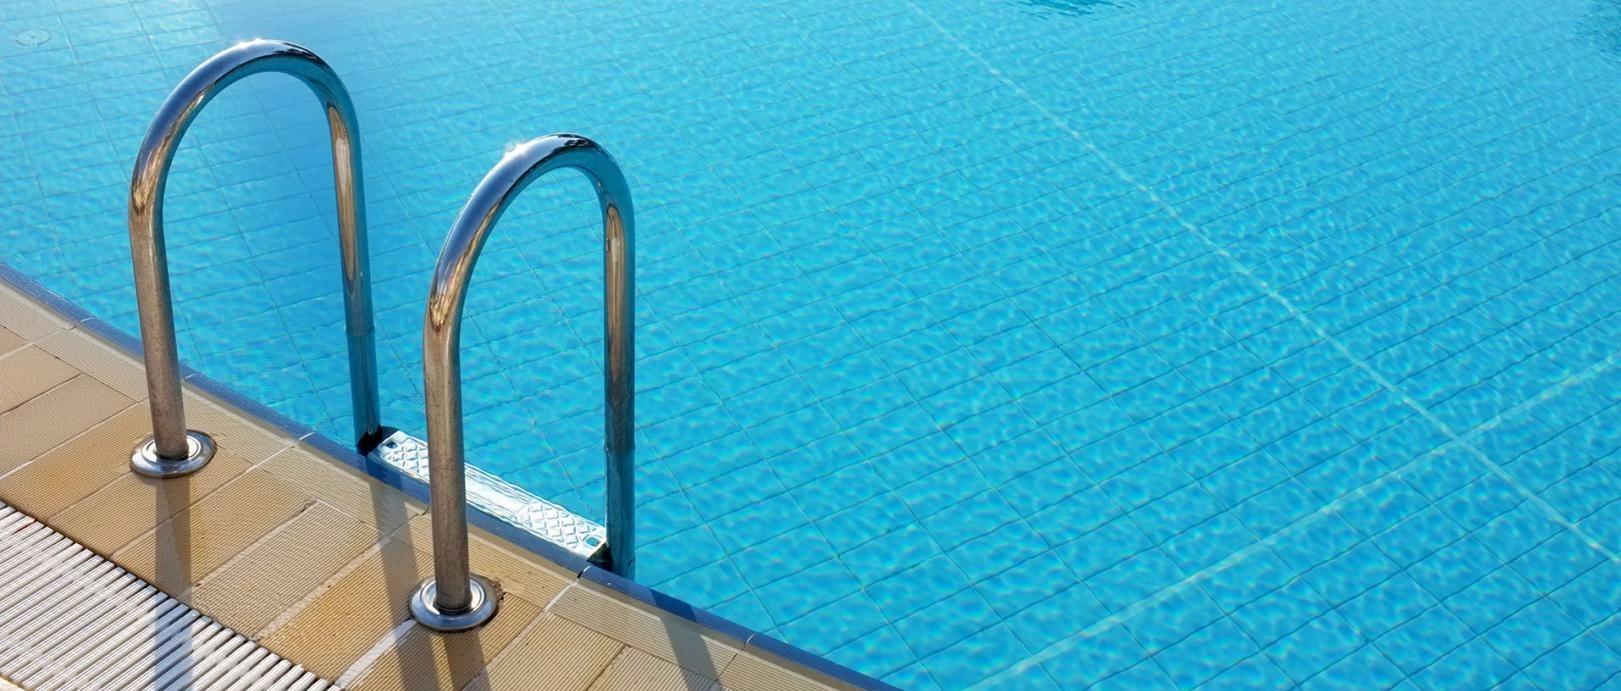 R paration piscine creus e laval blainville terrebonne - Reparation piscine laval ...